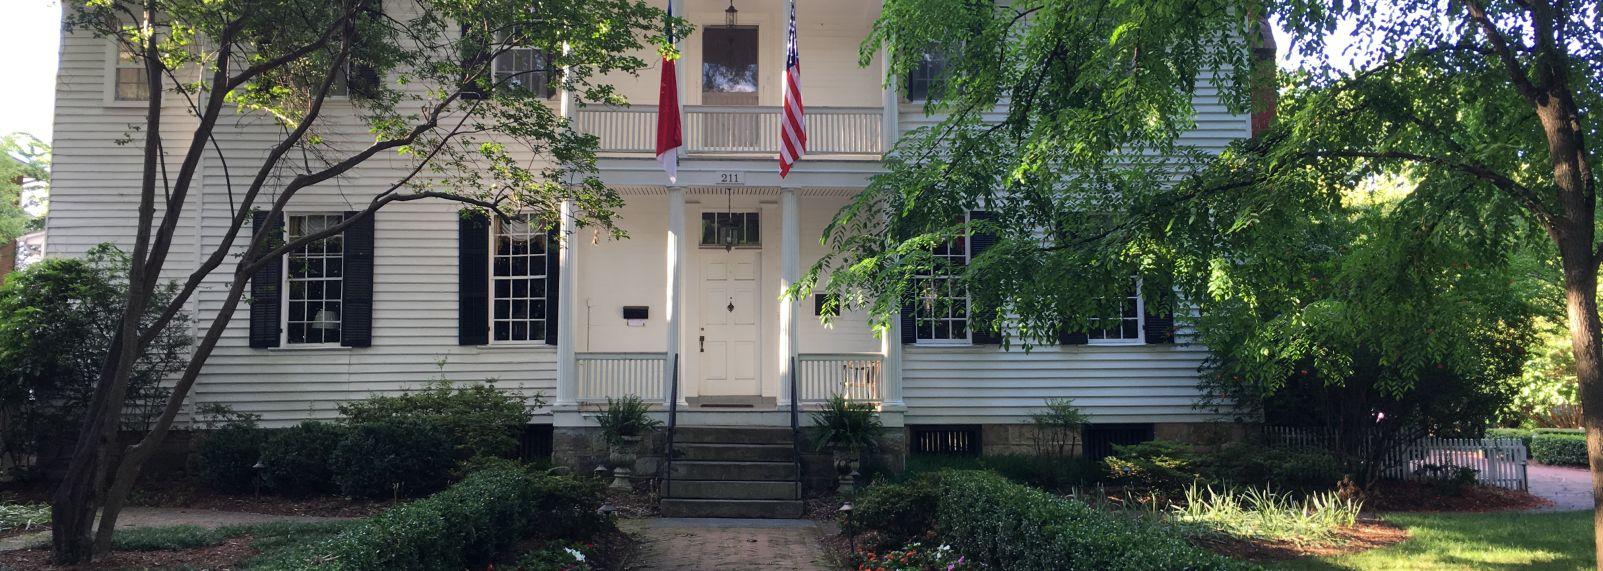 Haywood Hall House 10-236.JPG